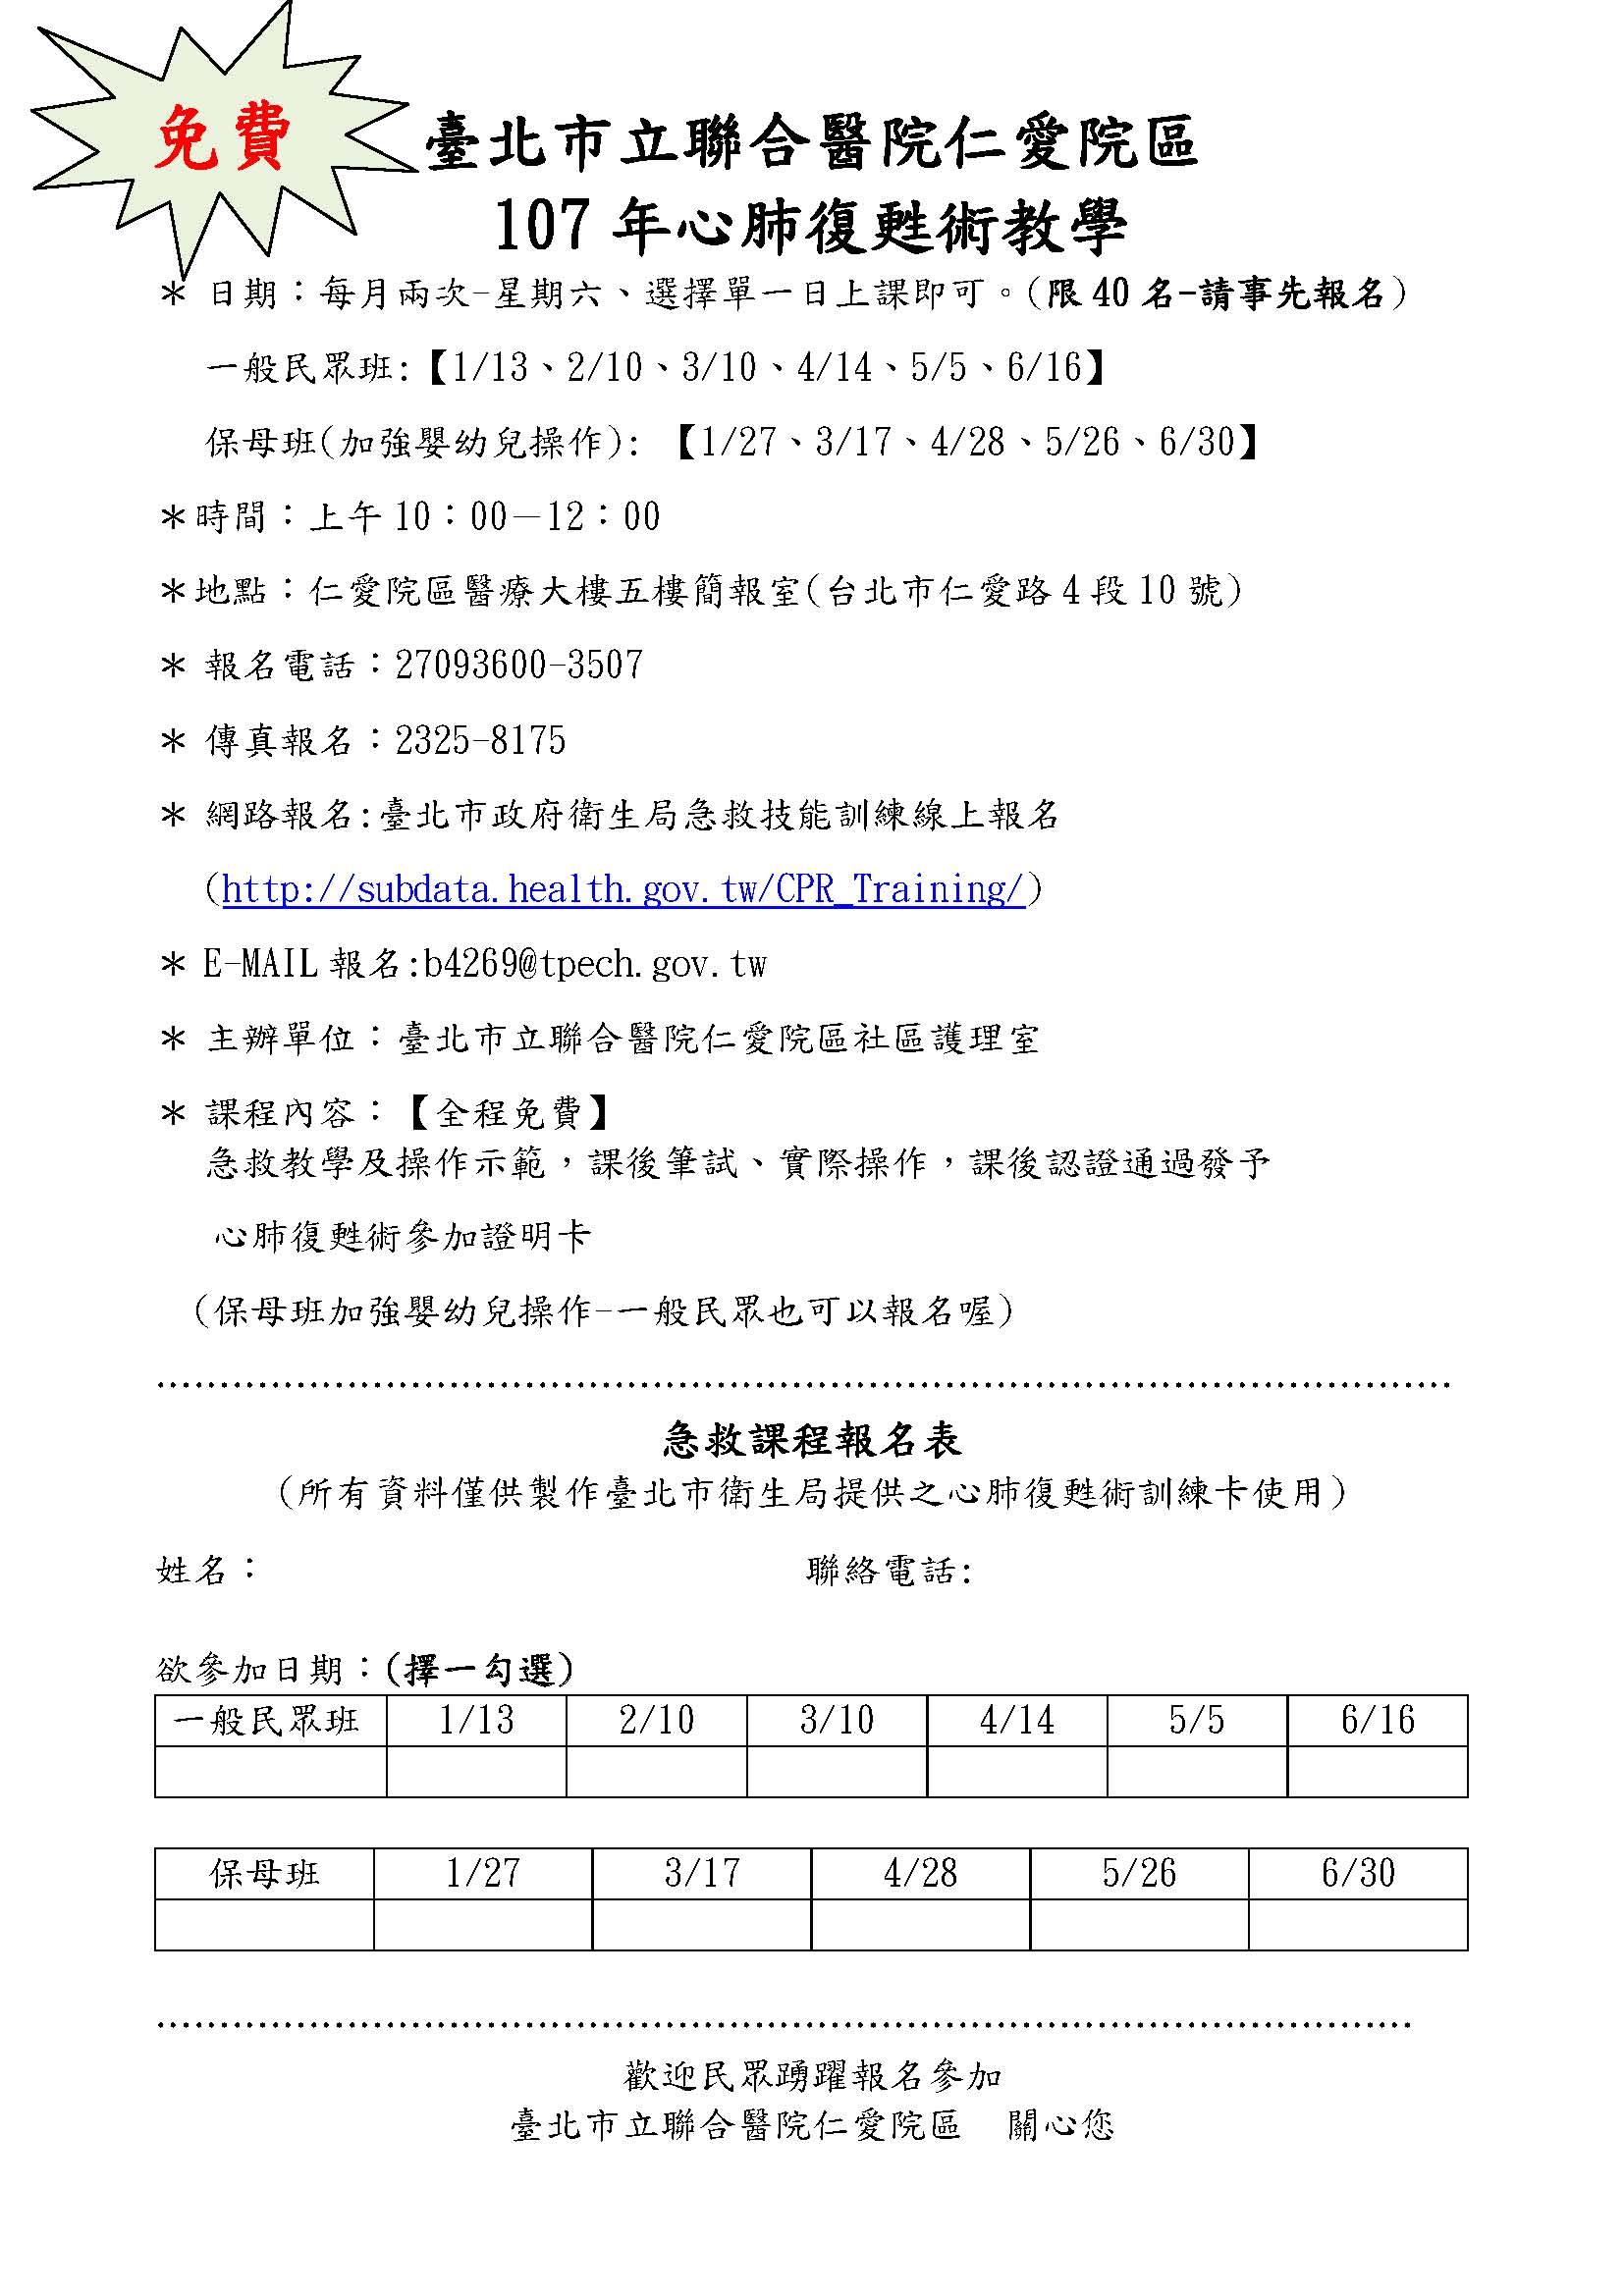 107年仁愛院區CPR報名表(上半年)